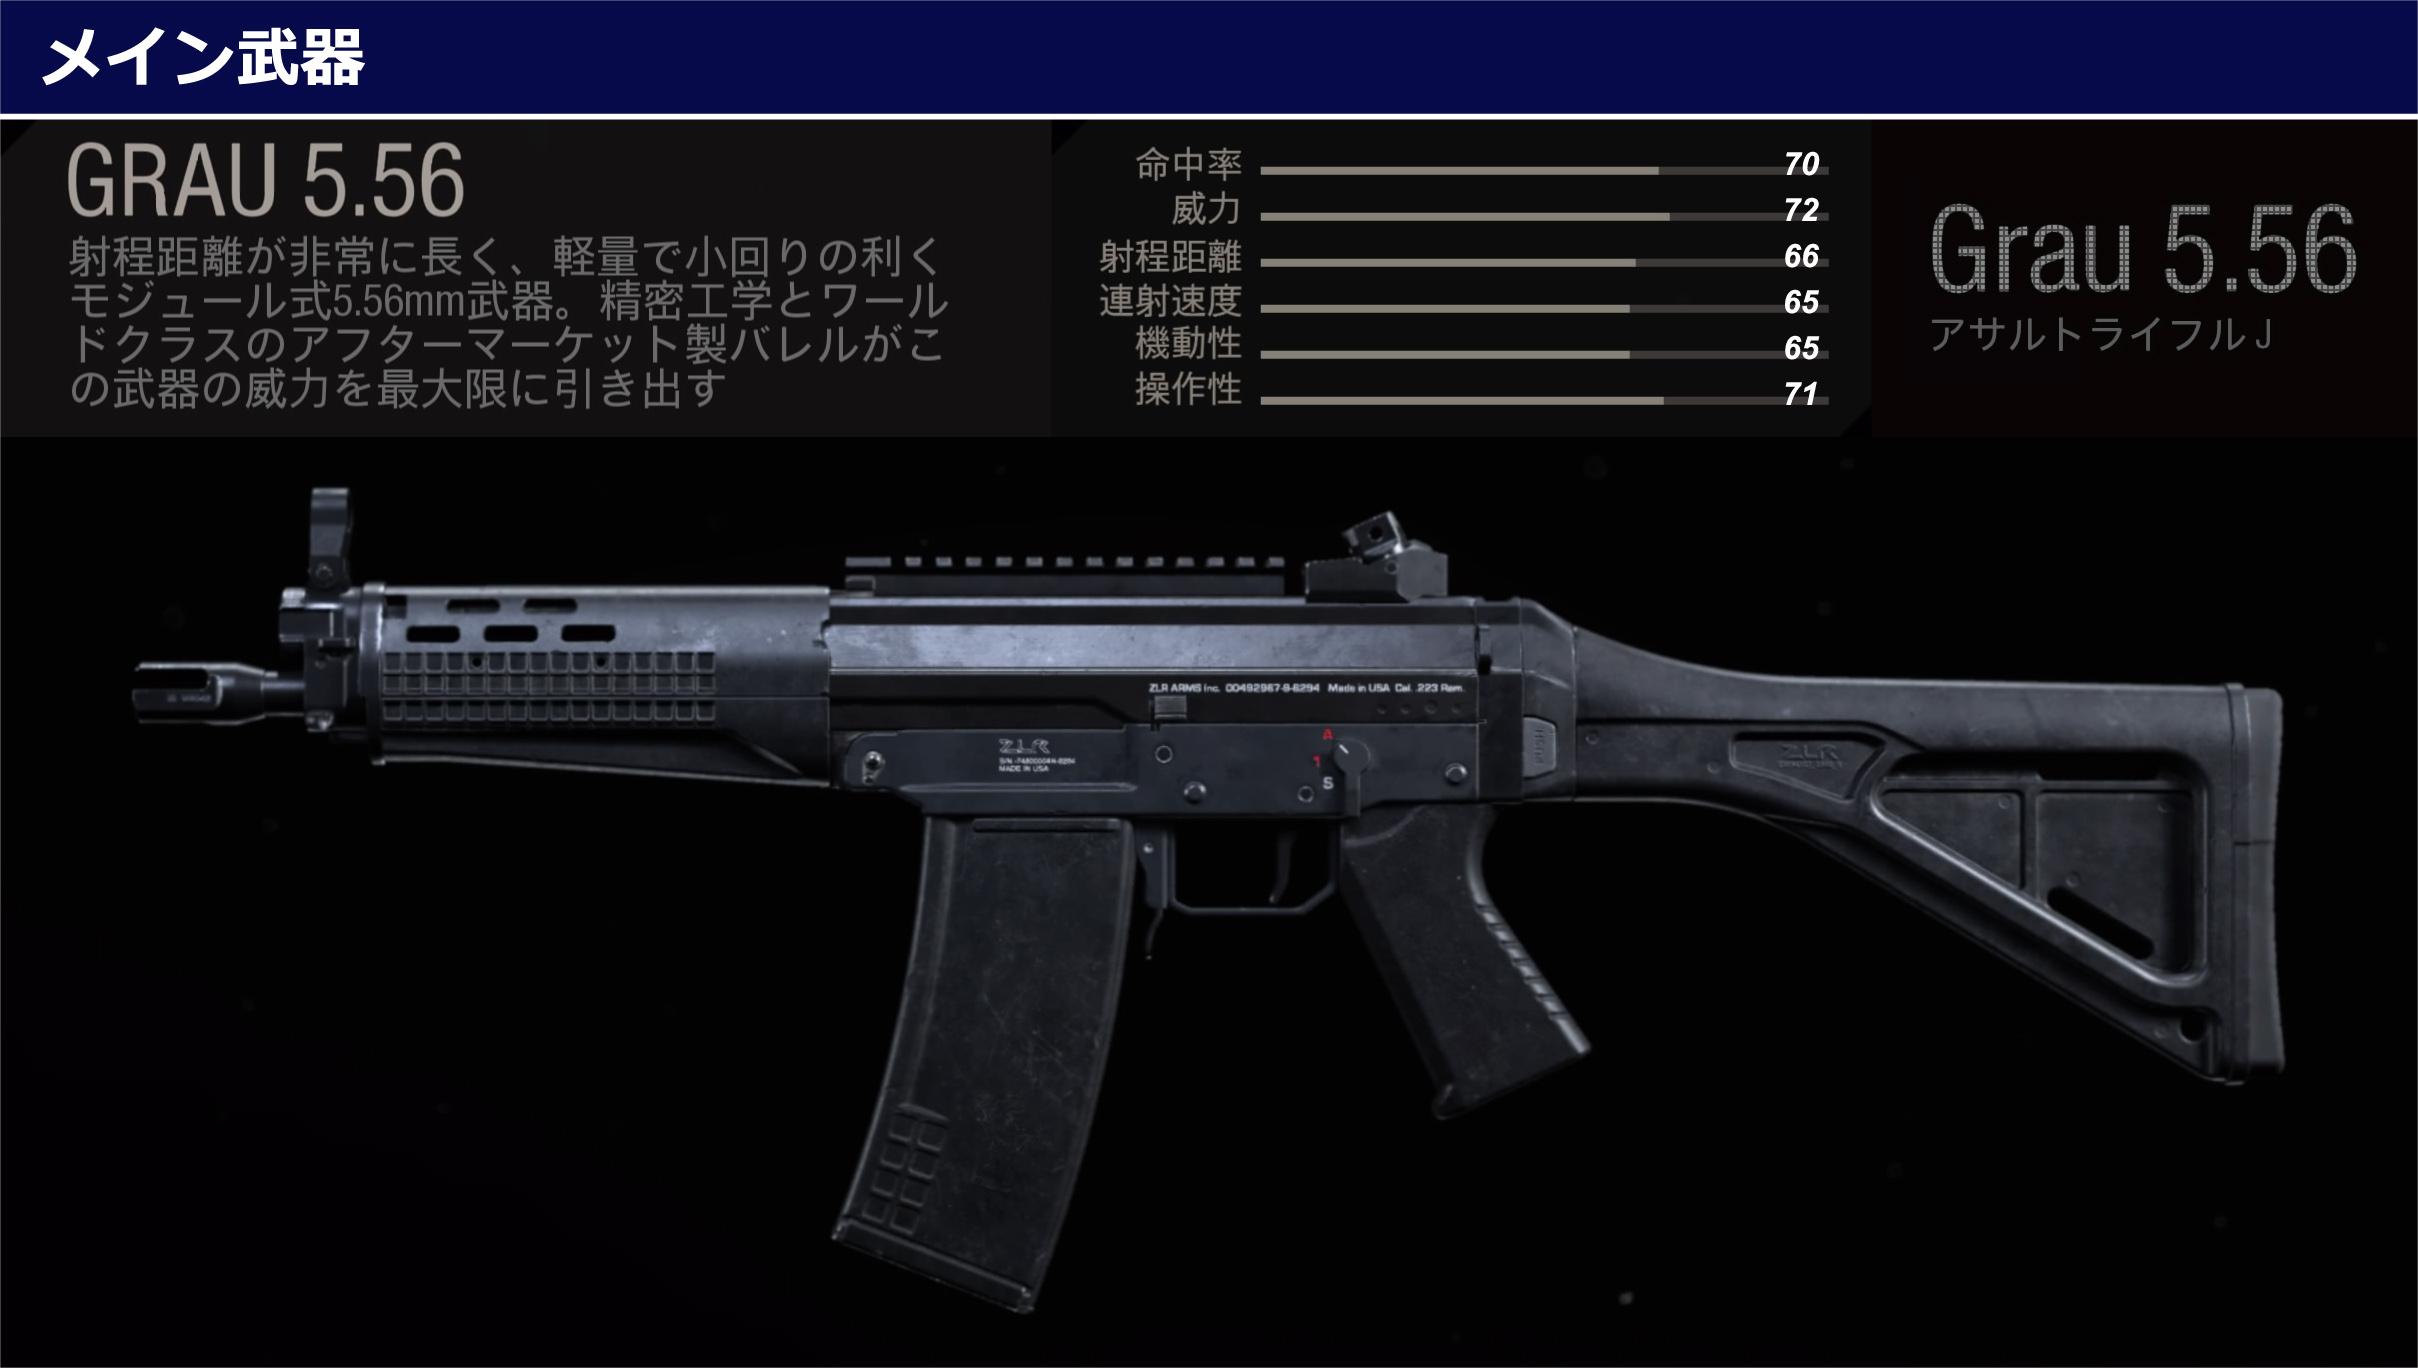 Grau-5.56